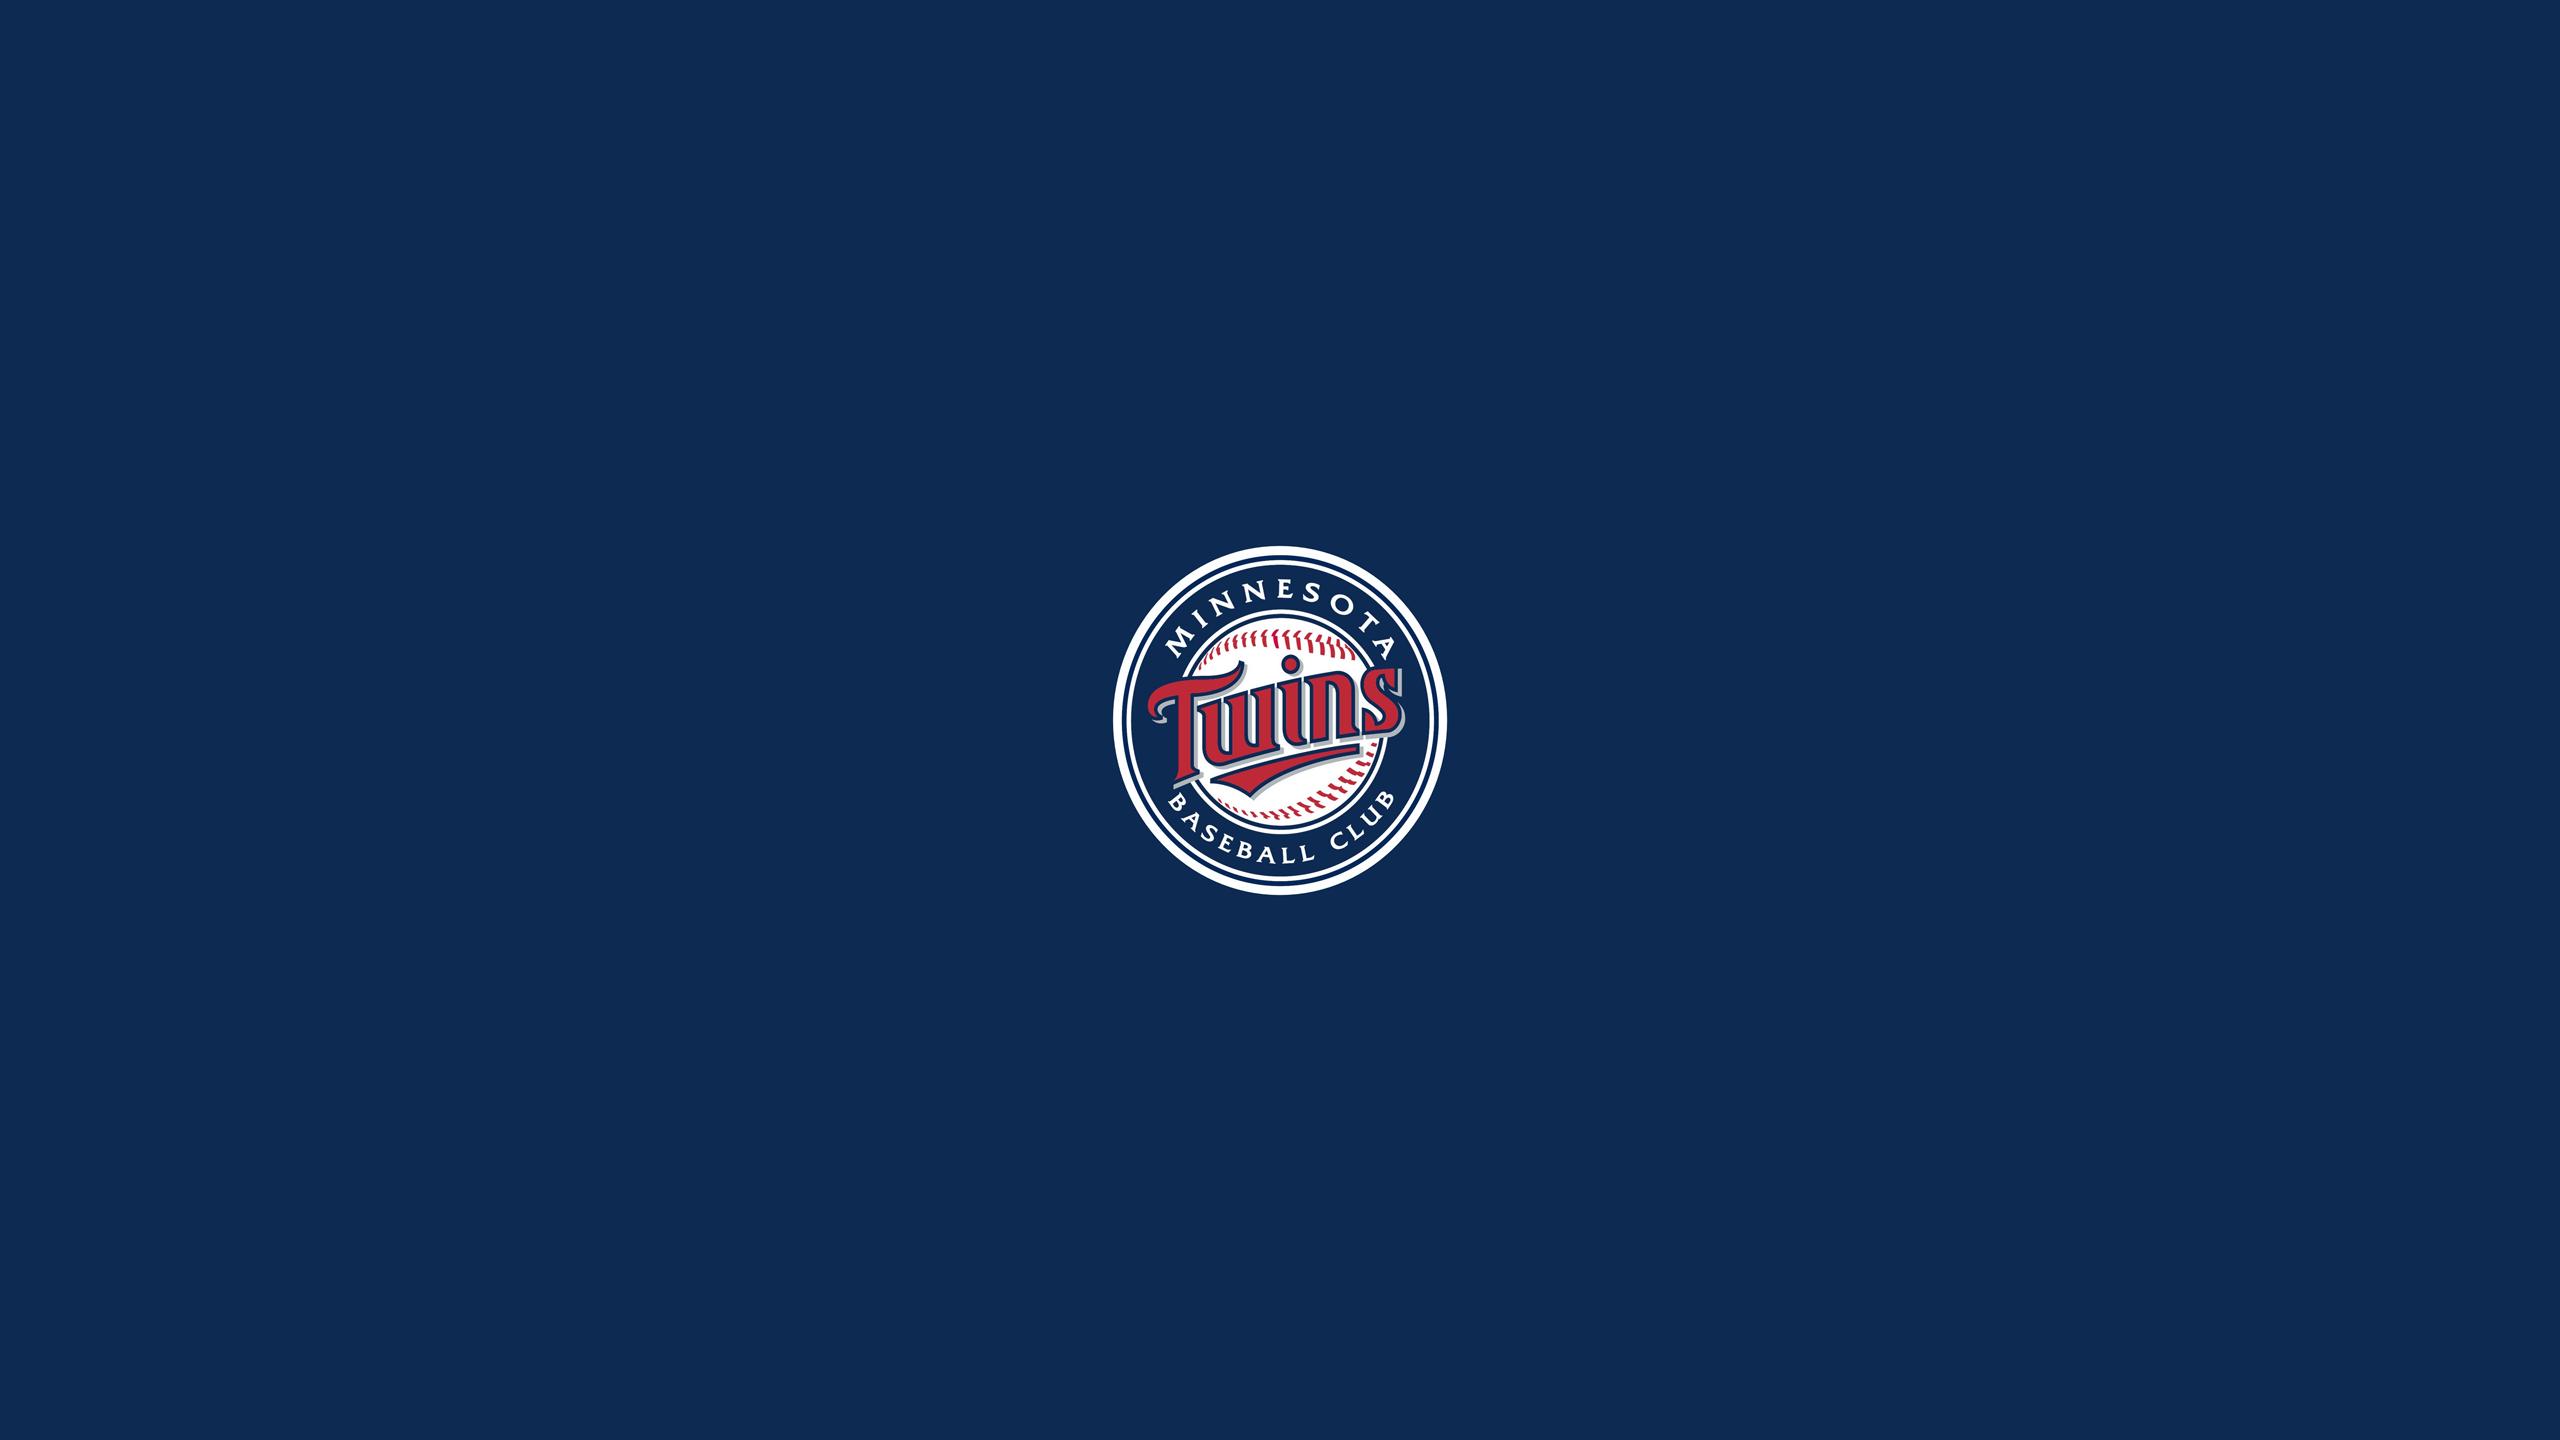 Minnesota Twins Wallpapers 2560x1440